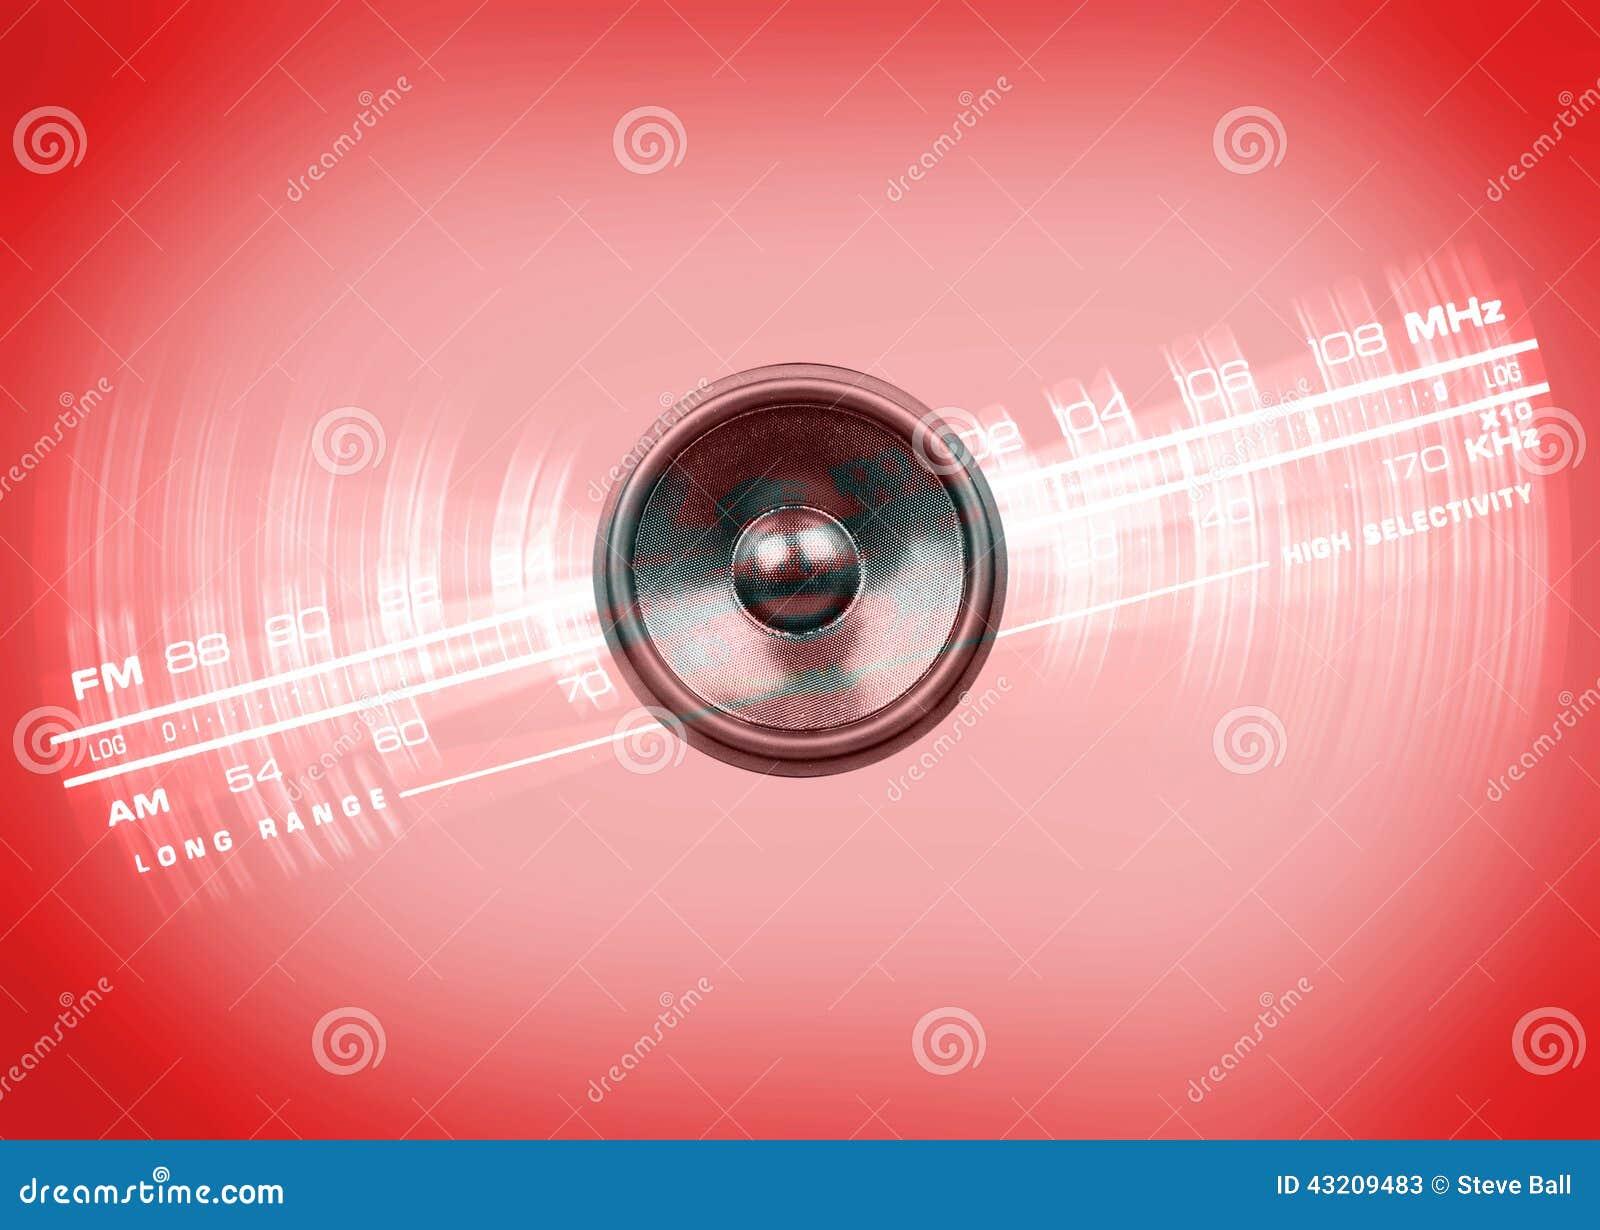 Download Musikhögtalare Och Radiovisartavla Stock Illustrationer - Illustration av musik, karaktärsteckning: 43209483